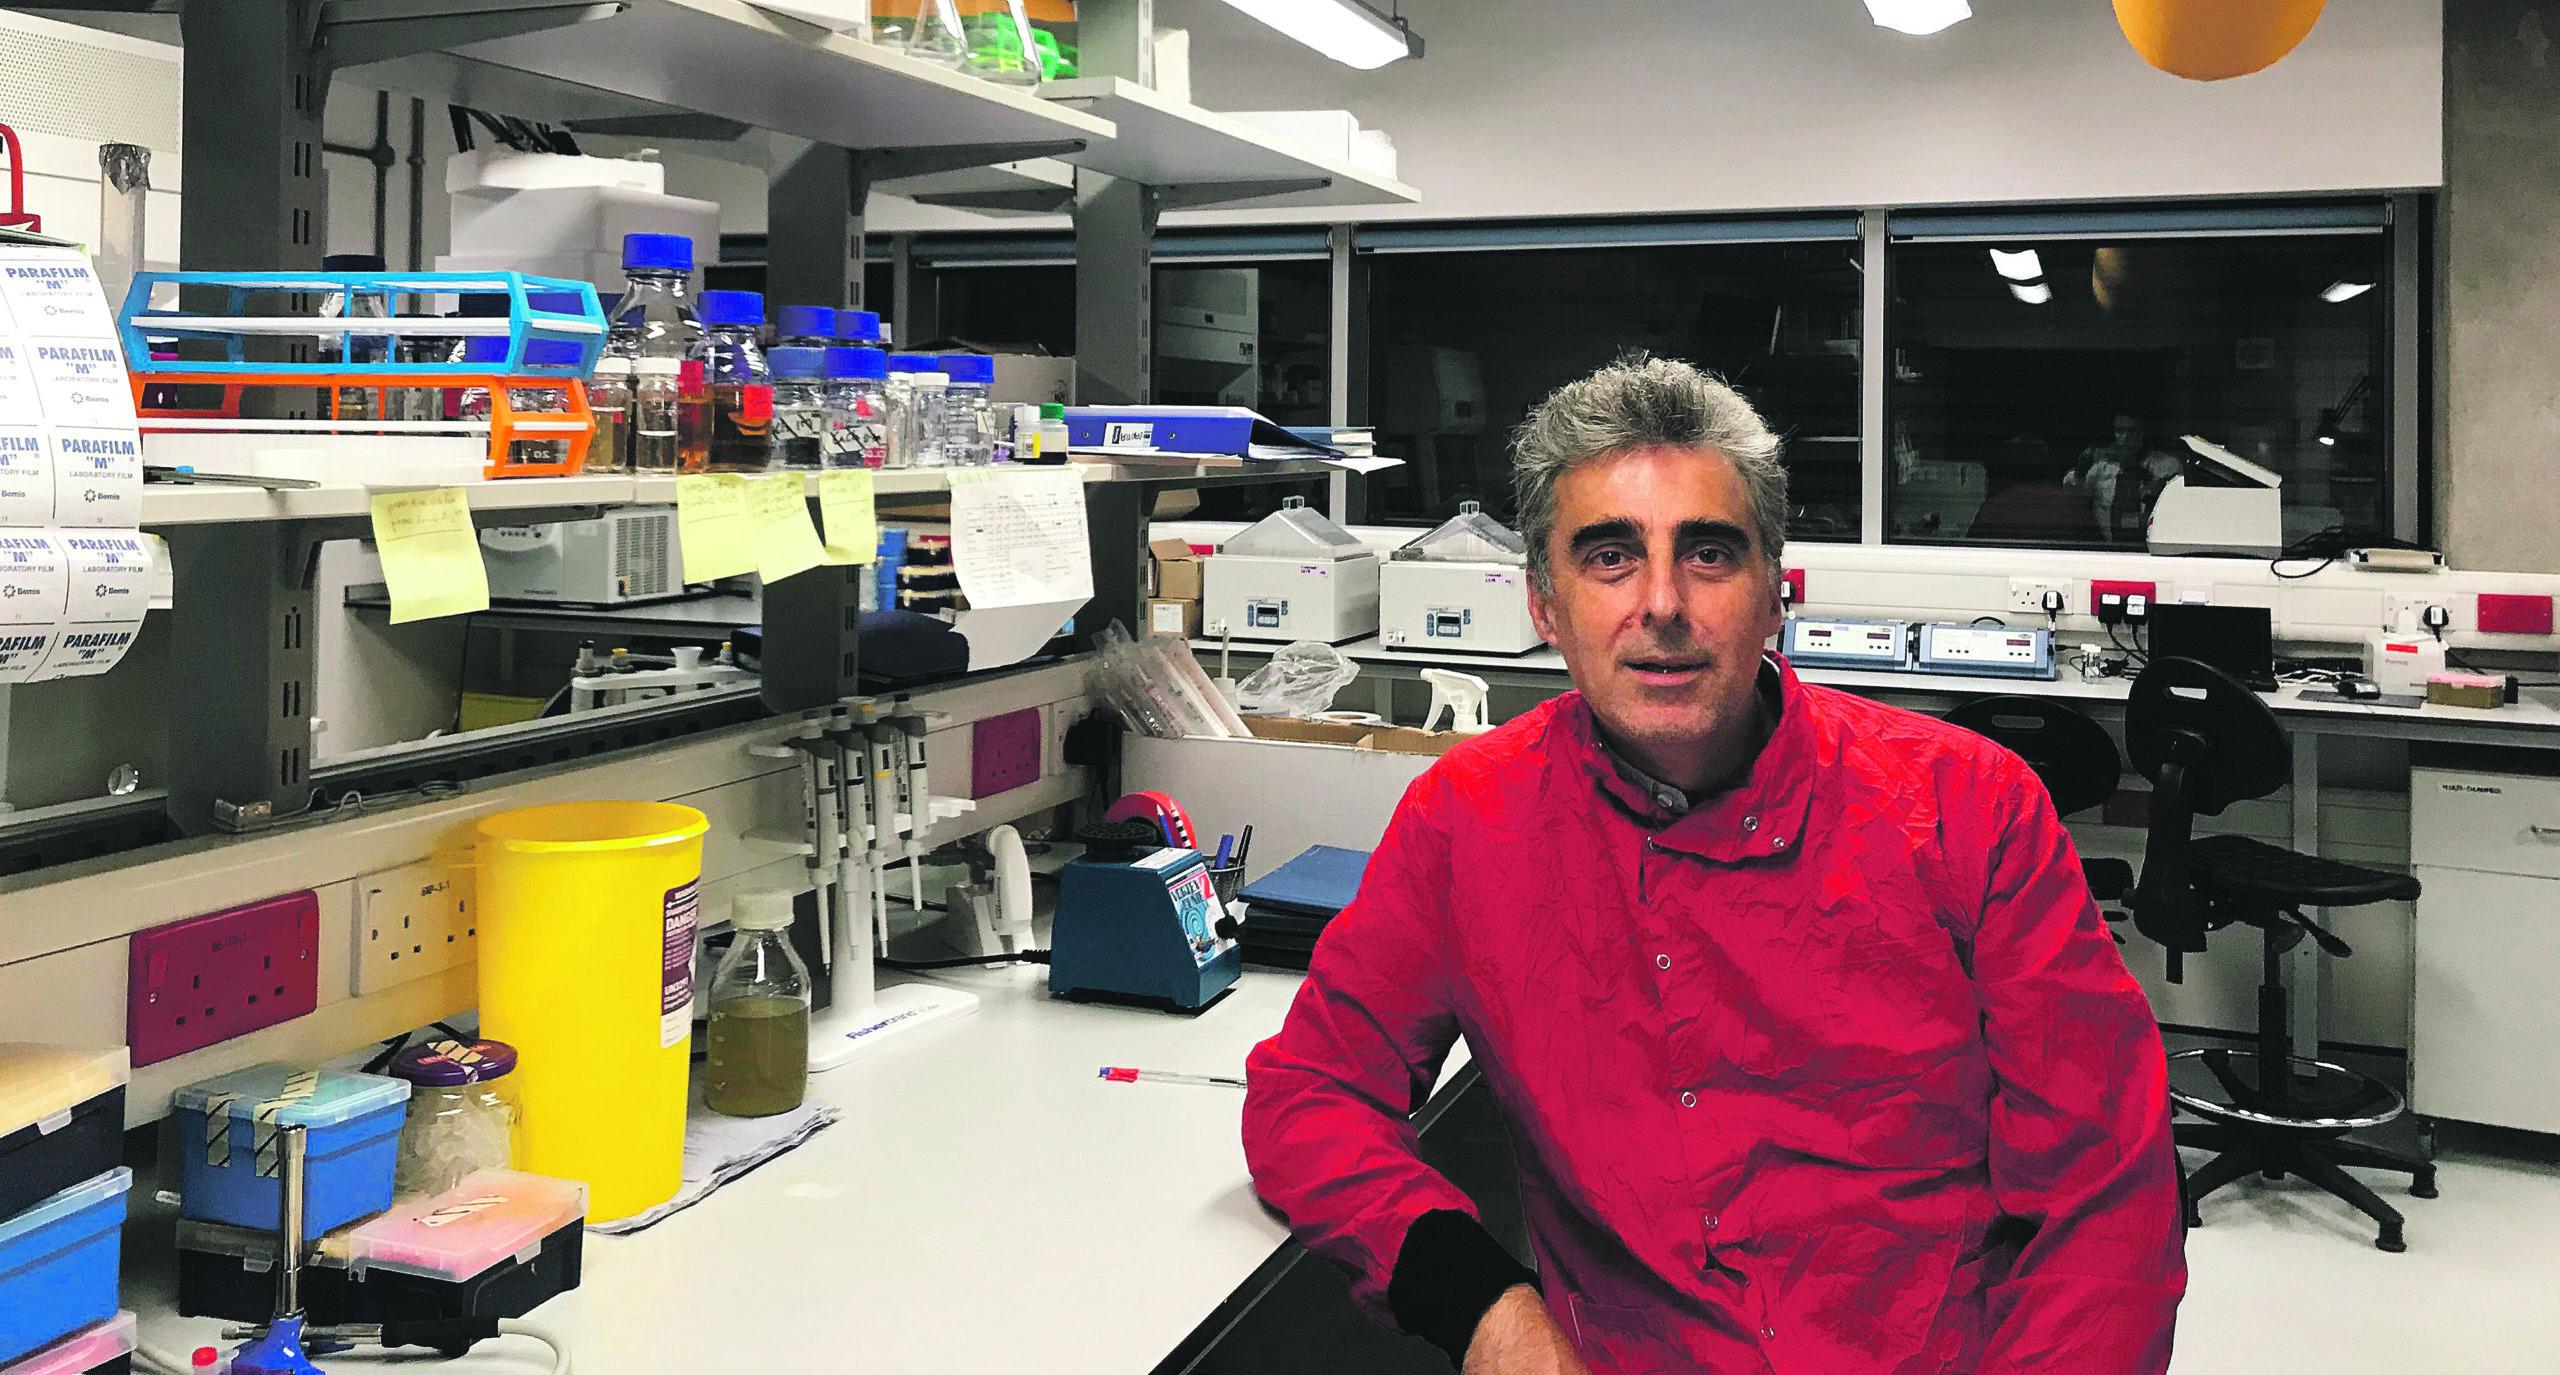 José Rafael Penadés, en el camí d'assolir una fita històrica: frenar la crisi dels antibiòtics El Periòdic d'Ontinyent - Noticies a Ontinyent